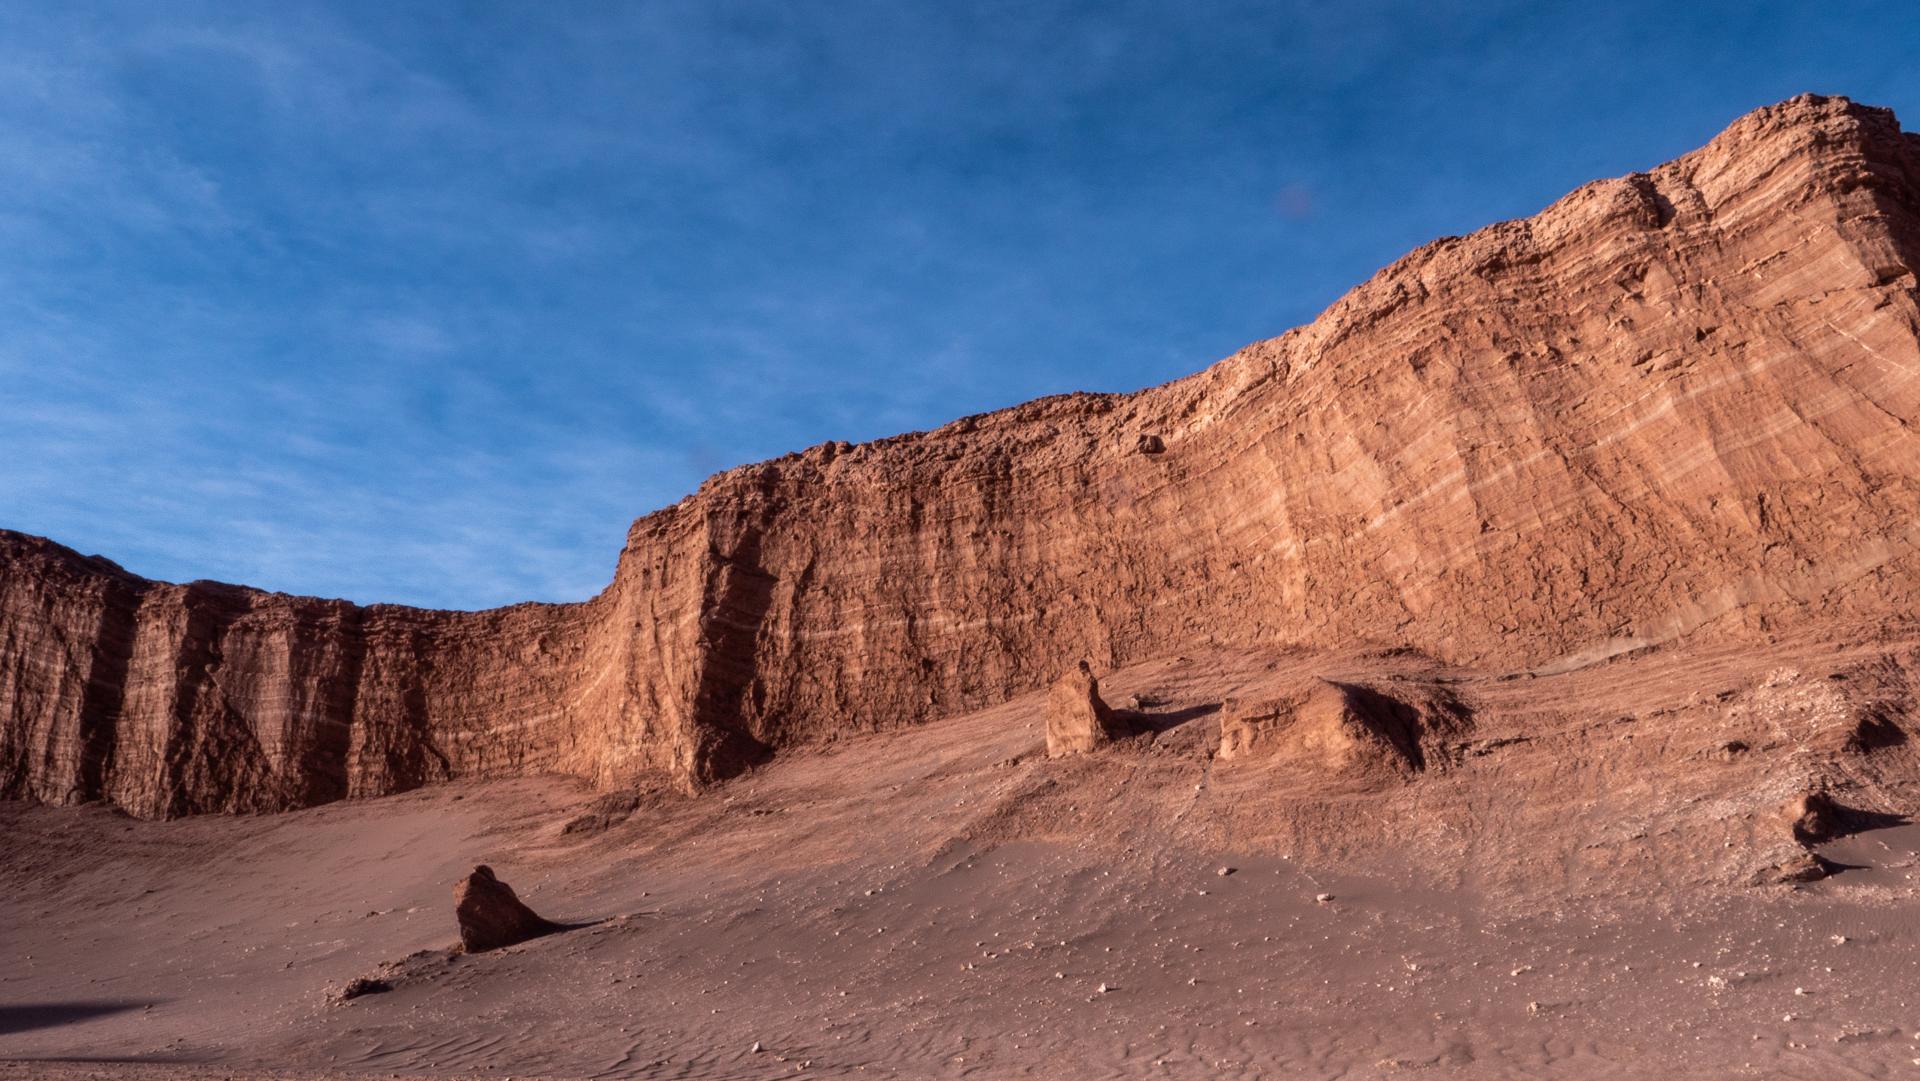 Erleben Sie eine unvergessliche Rundreise durch die Wüstenlandschaften Südamerikas